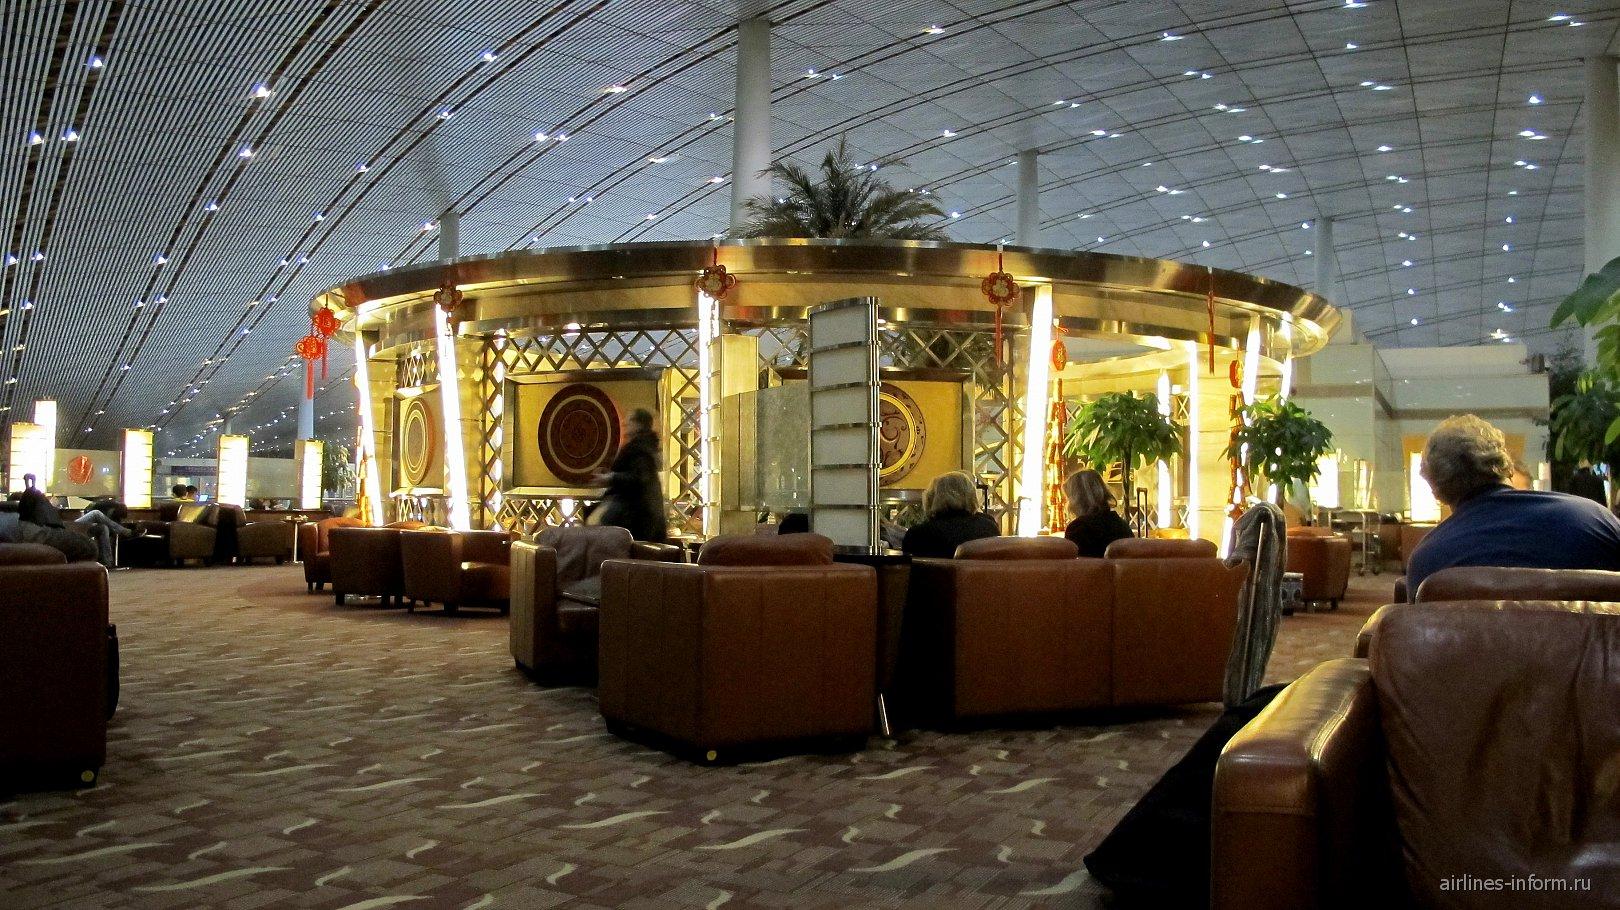 Бизнес-зал авиакомпании Air China в терминале 3Е аэропорта Пекин Столичный